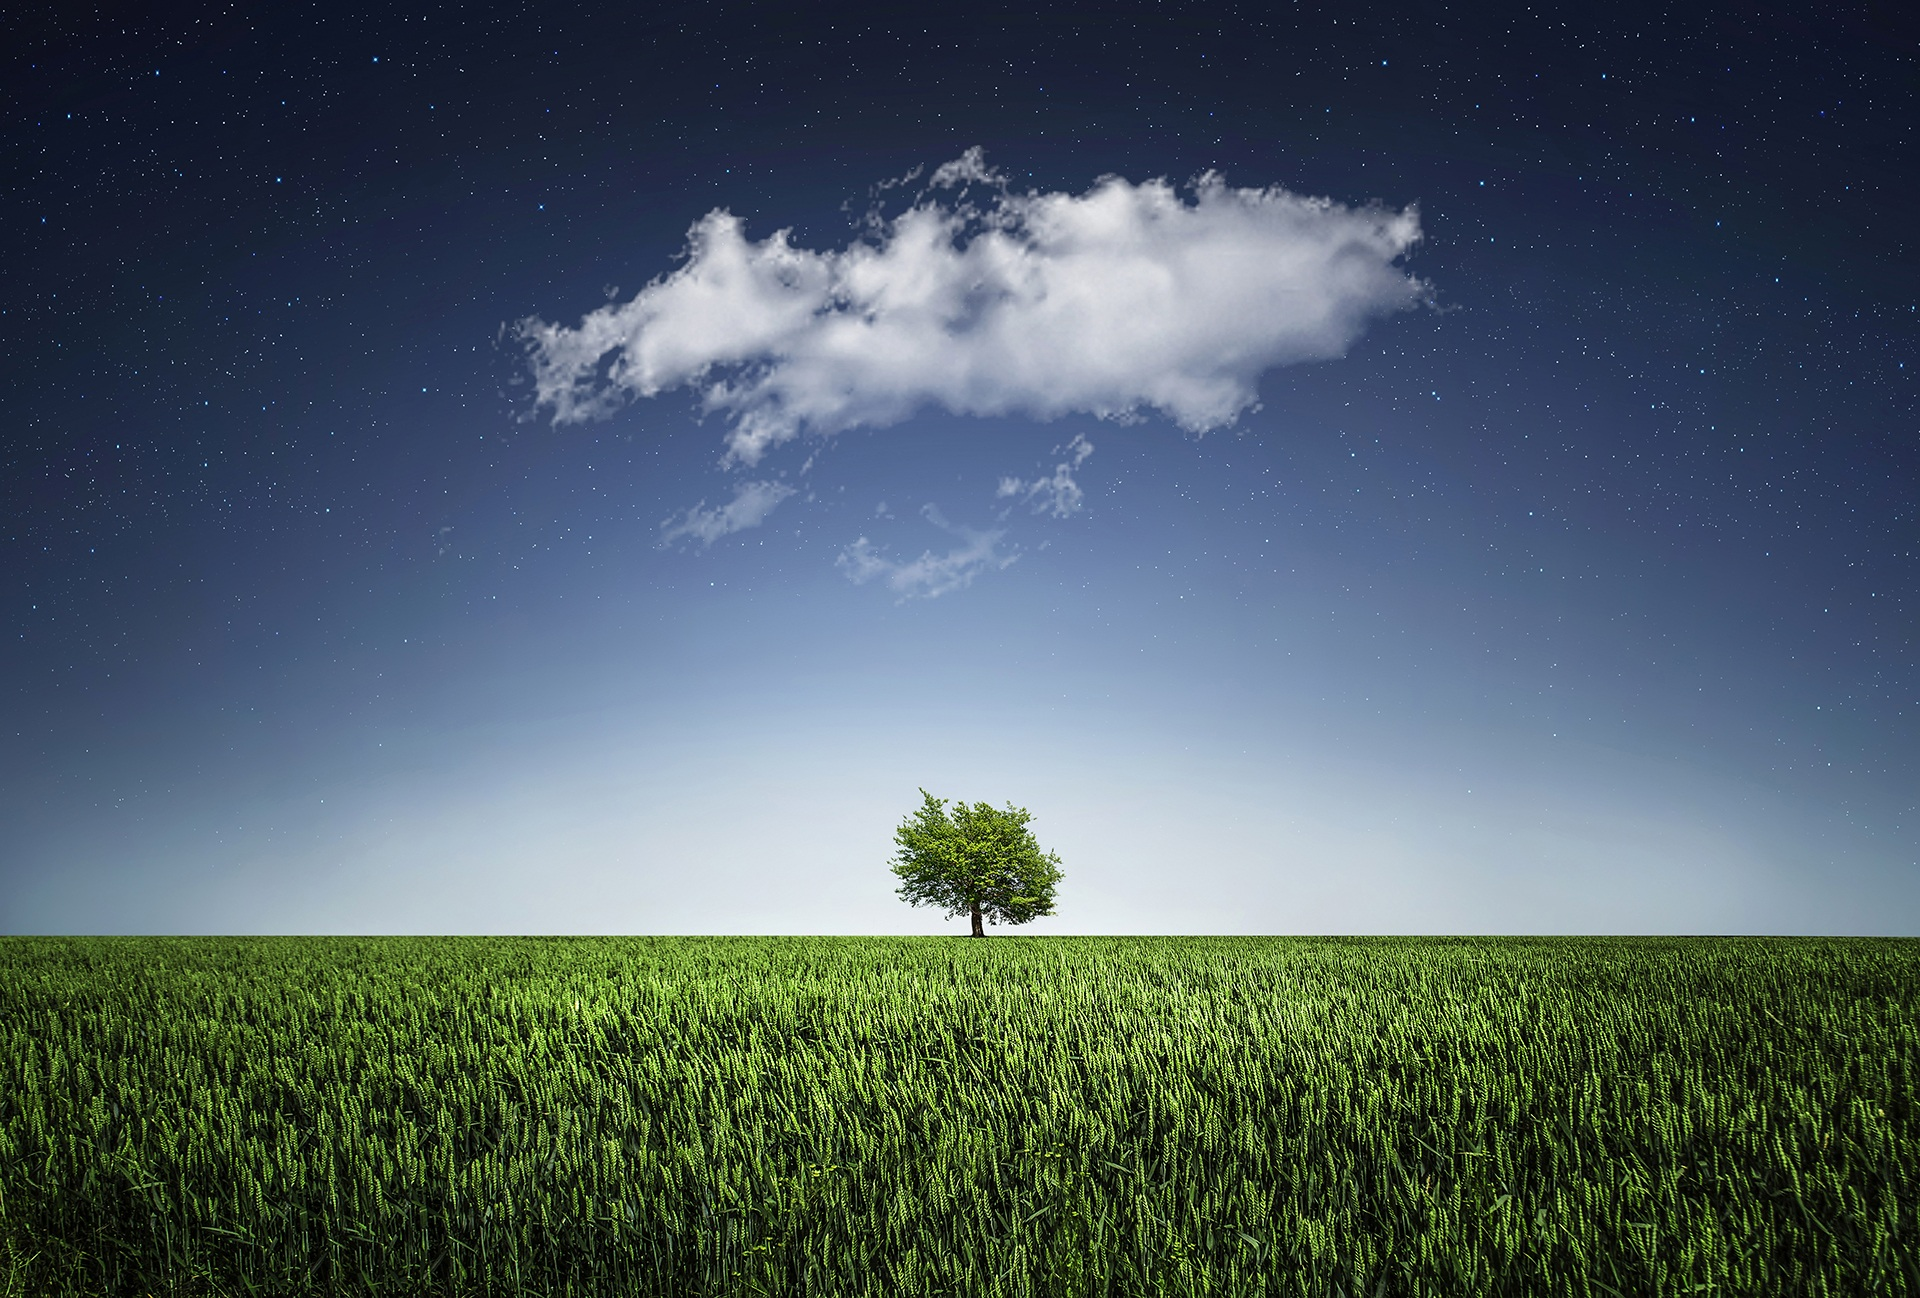 δέντρο, πεδιάδα, σύννεφο, Ουρανός, Soledad - Wallpapers HD - Professor-falken.com